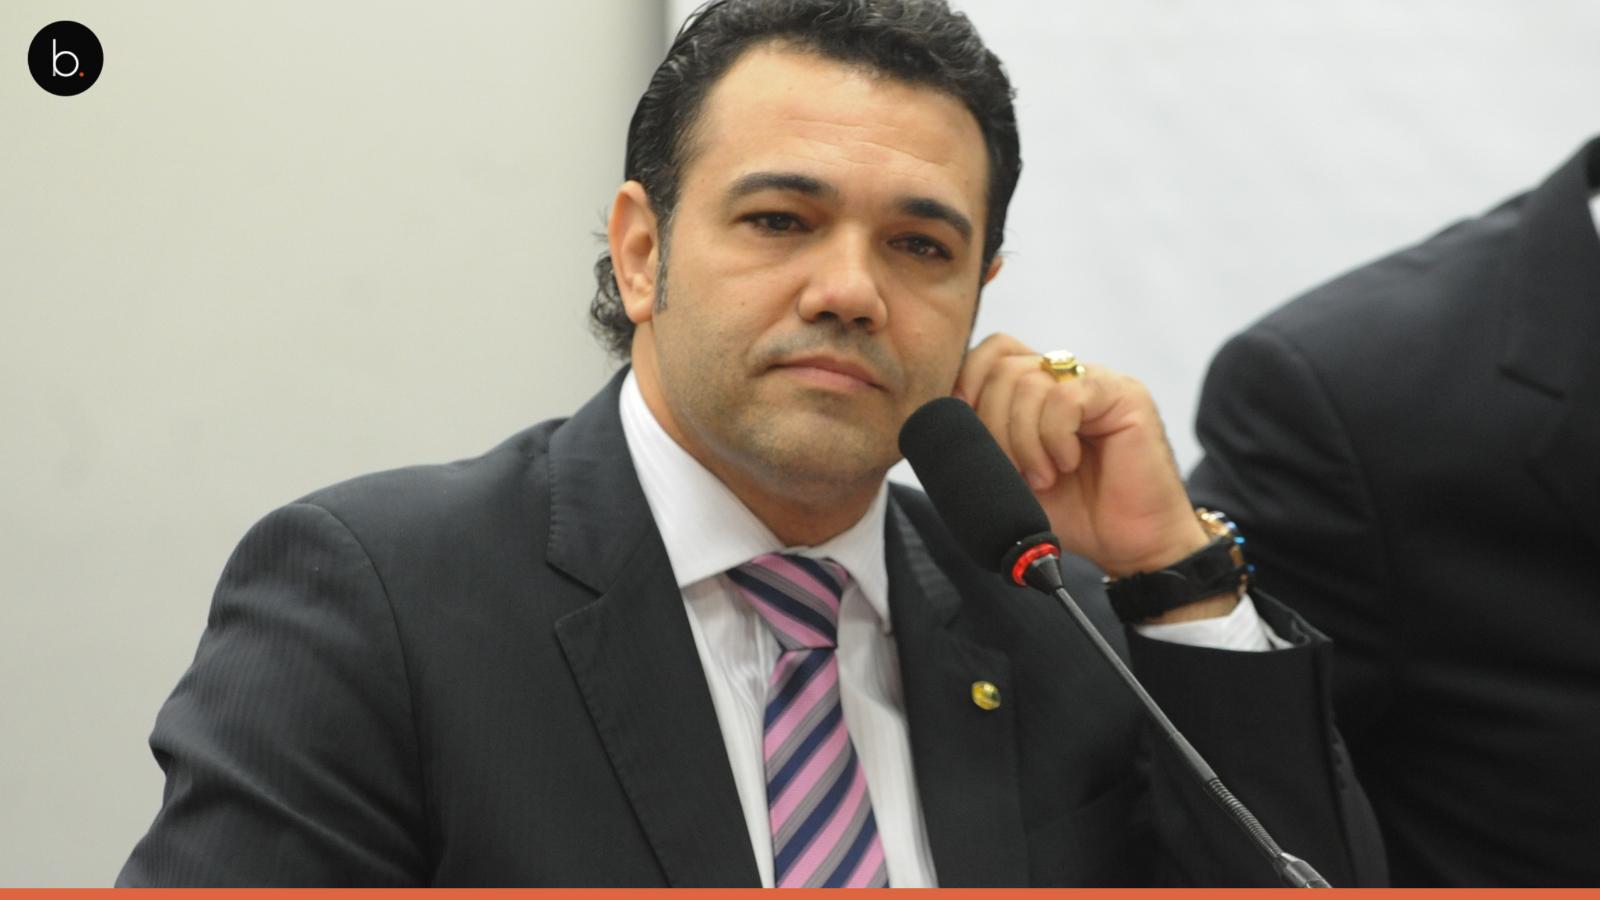 Marco Feliciano tenta censurar exposição de fotos